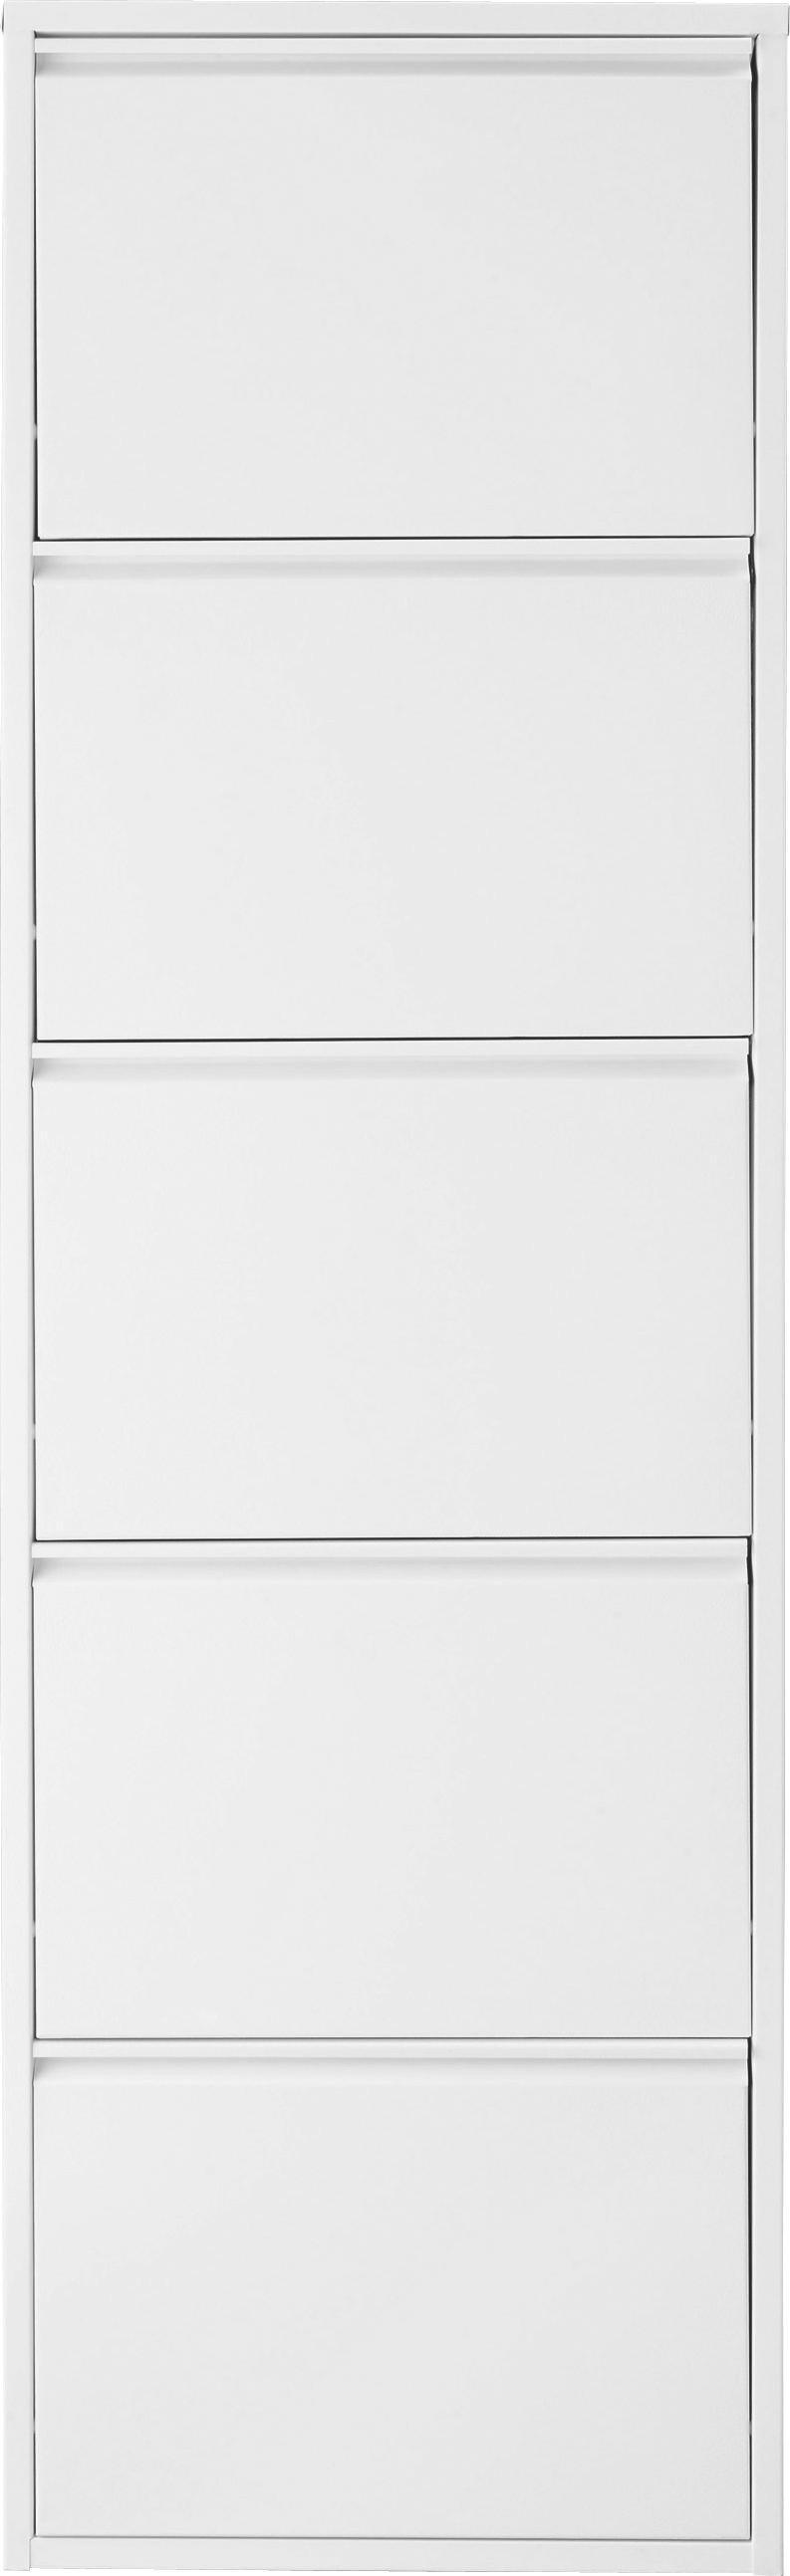 Schuhkipper in Weiß aus Metall - Weiß, Metall (50/169/15cm) - MÖMAX modern living